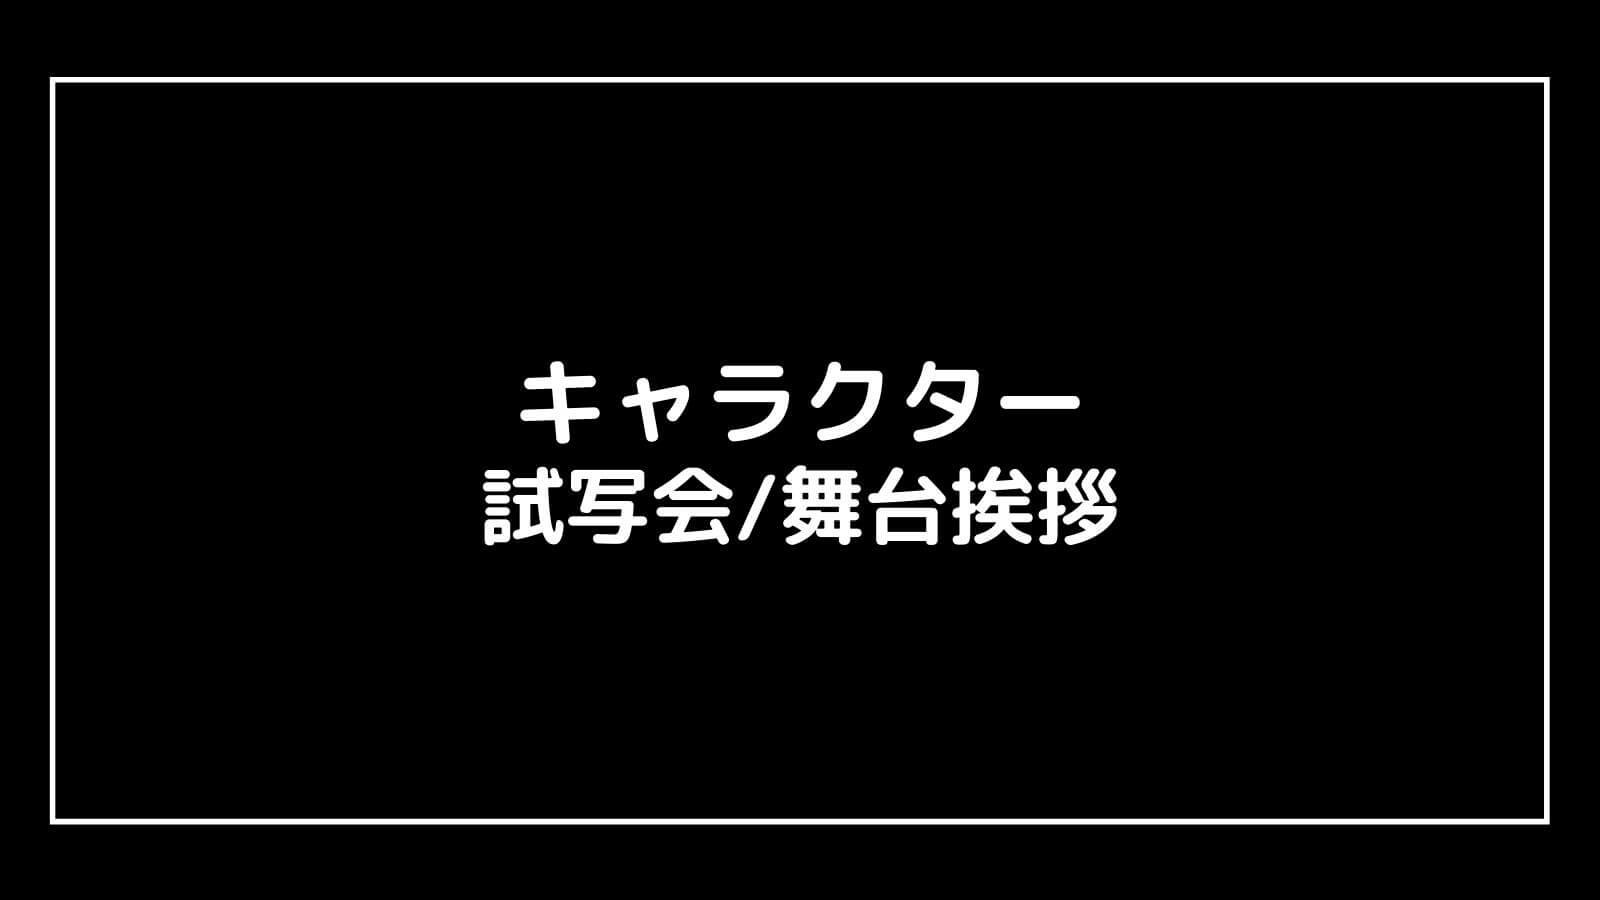 映画『キャラクター』の試写会と舞台挨拶ライブビューイング情報